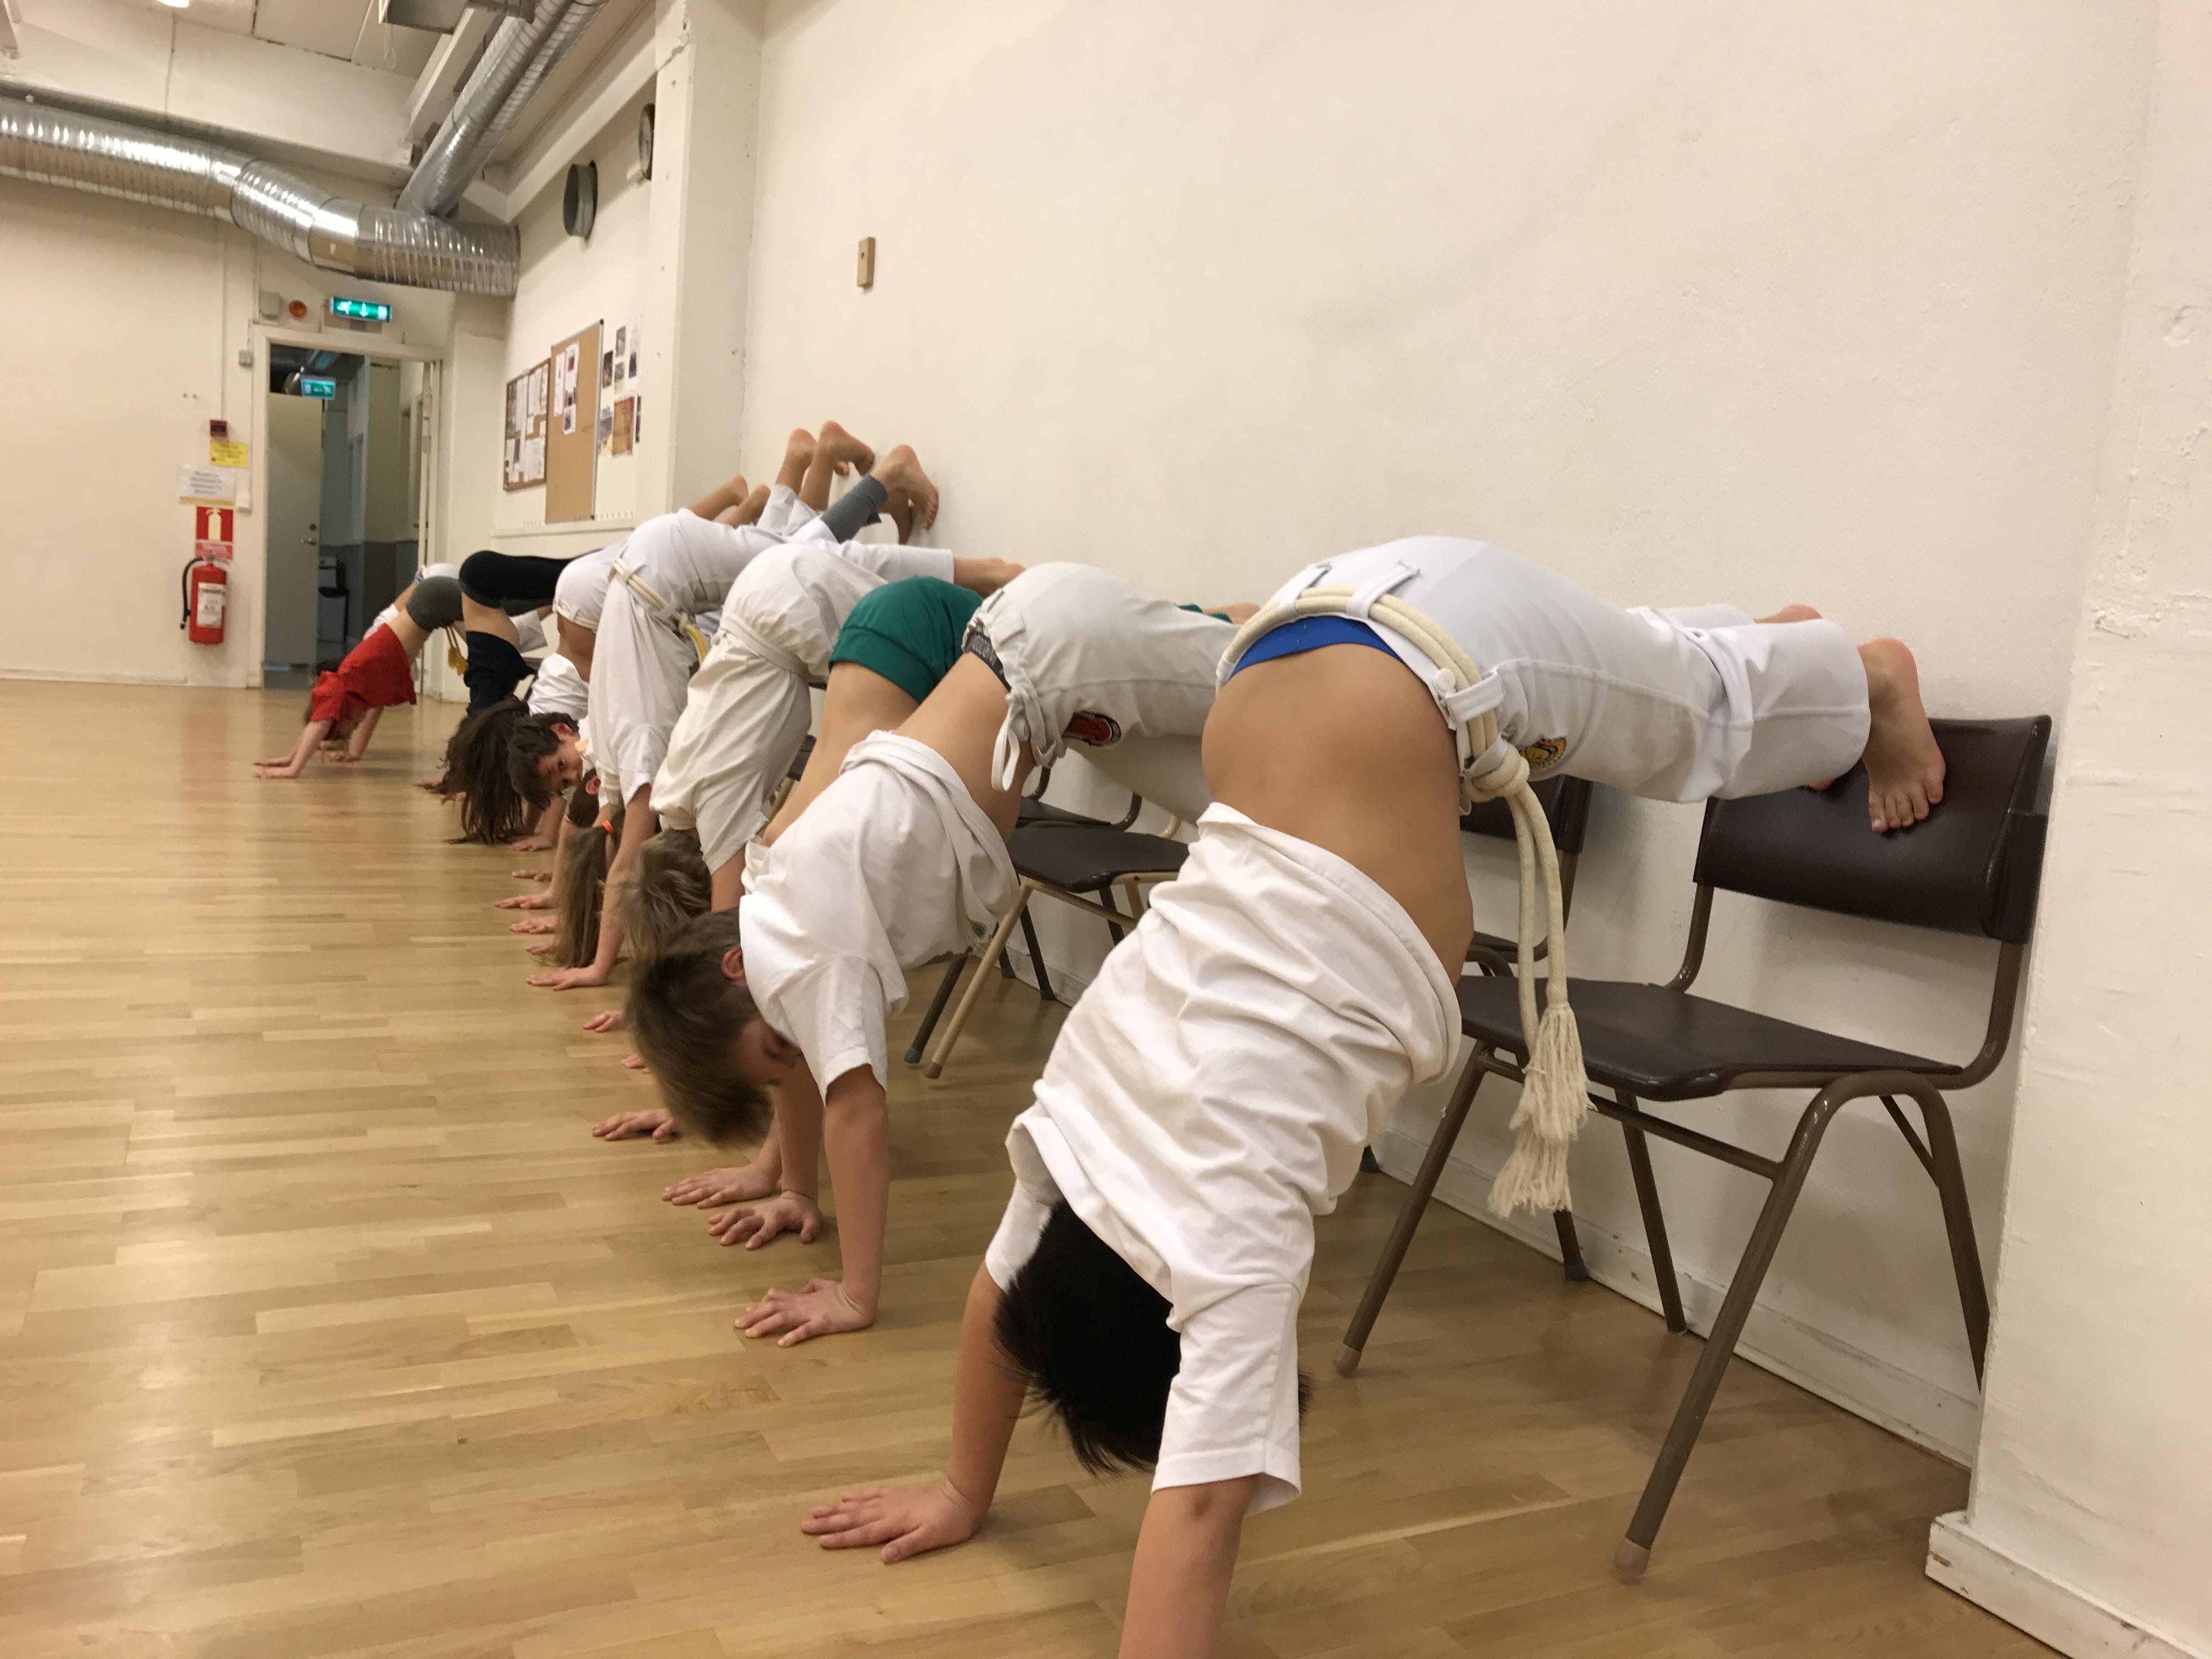 Capoeirando Kids